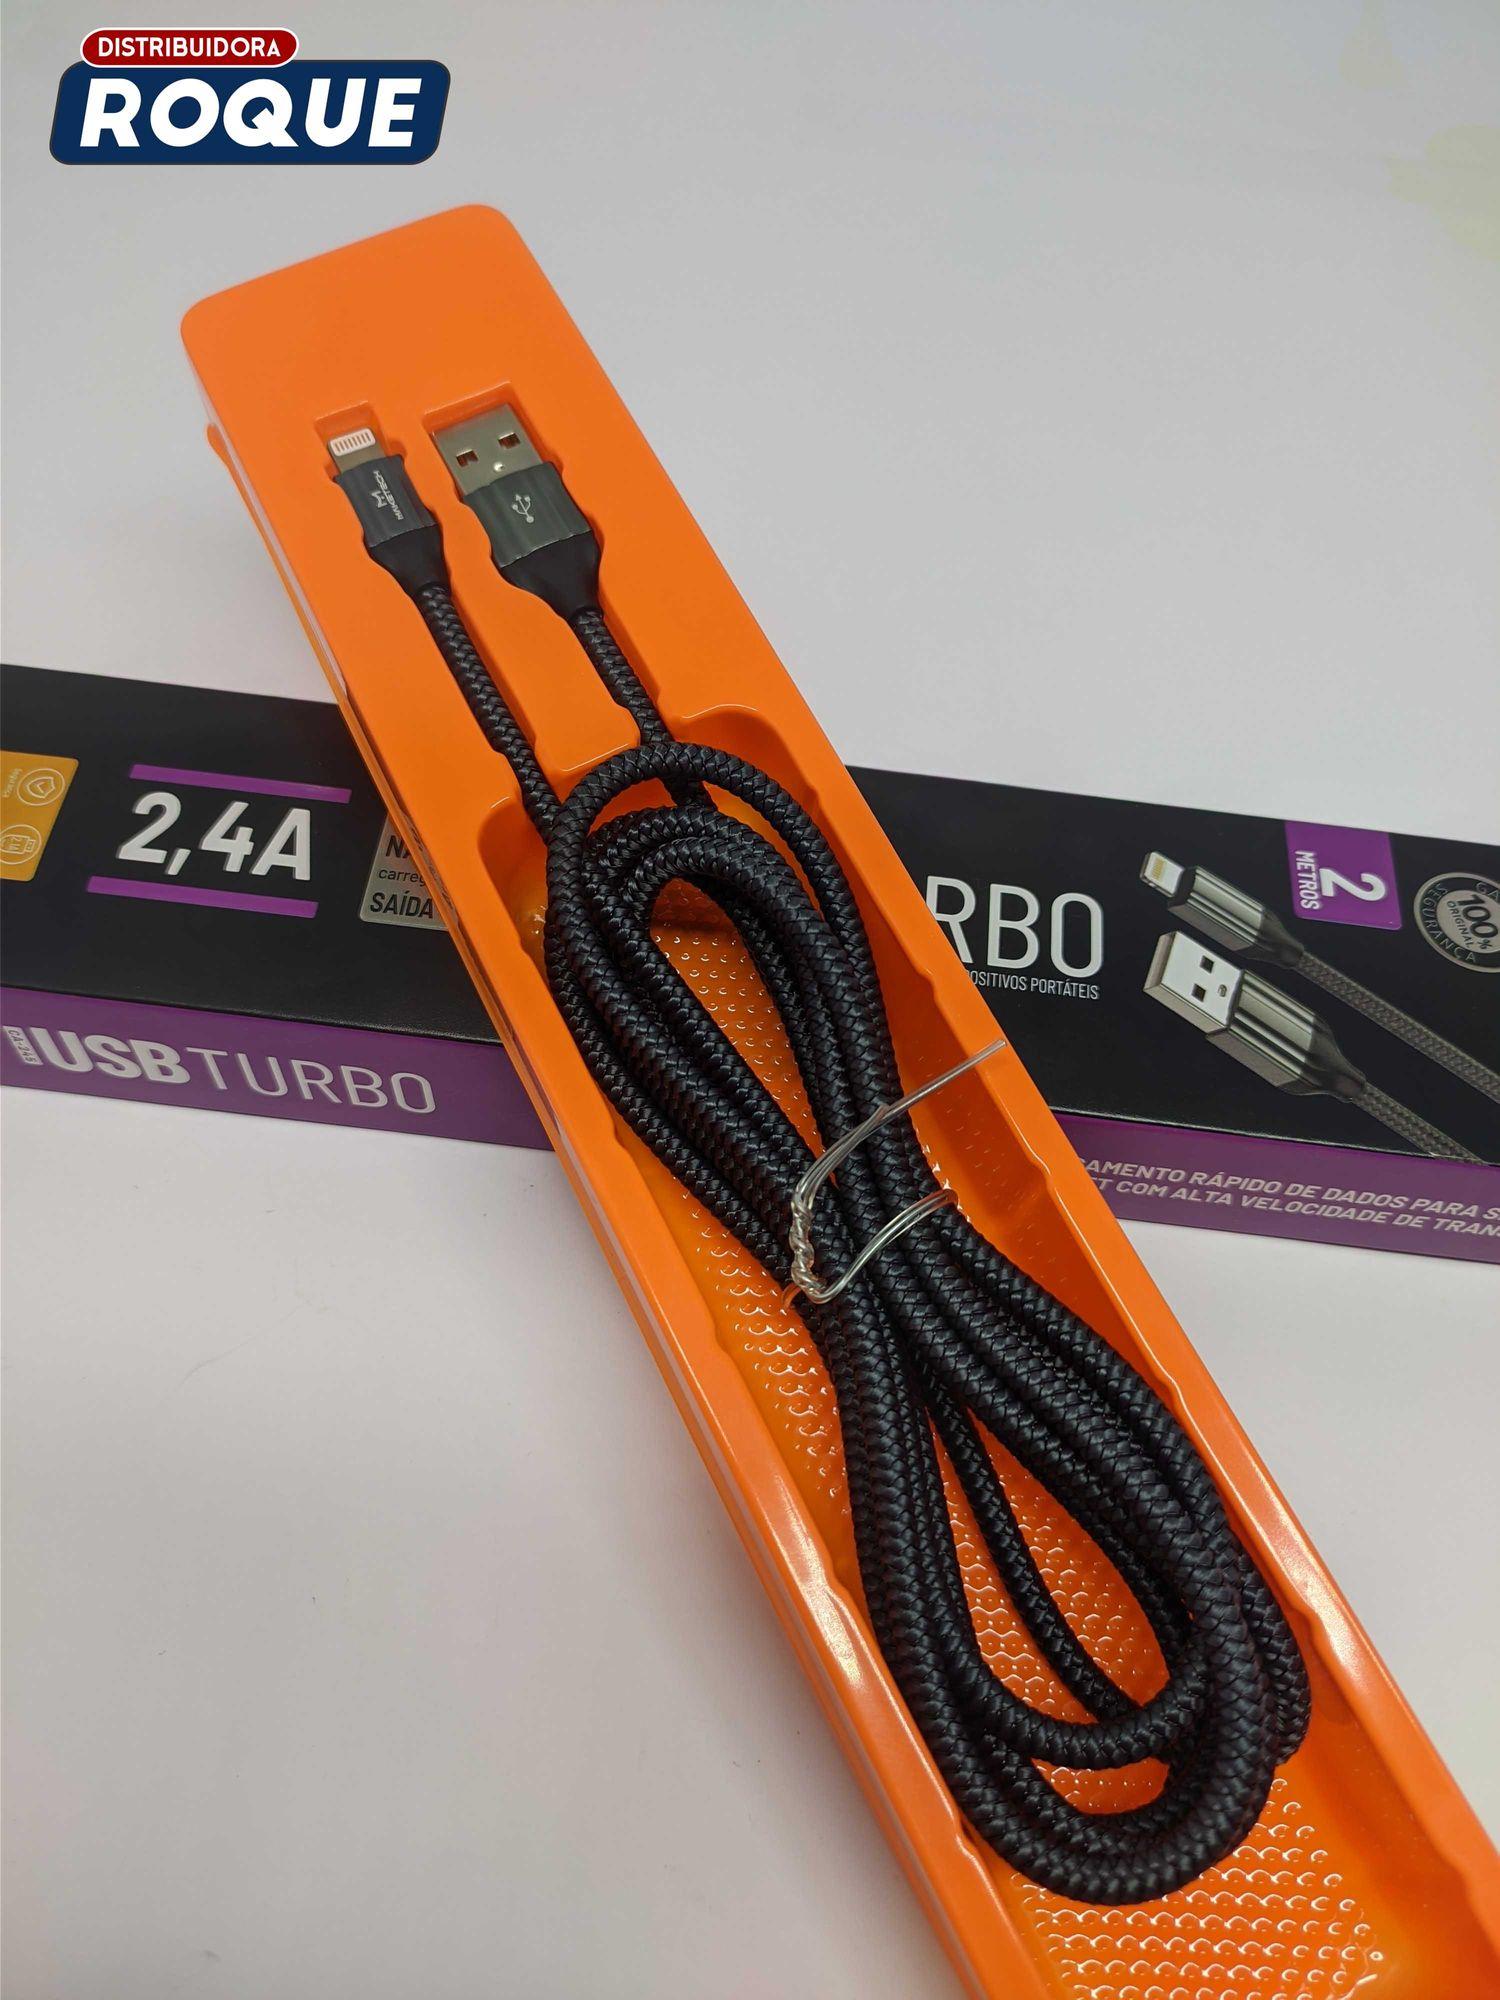 Cabo USB Turbo Lightning iOS C-245 Revestido com Corda Super Resistente